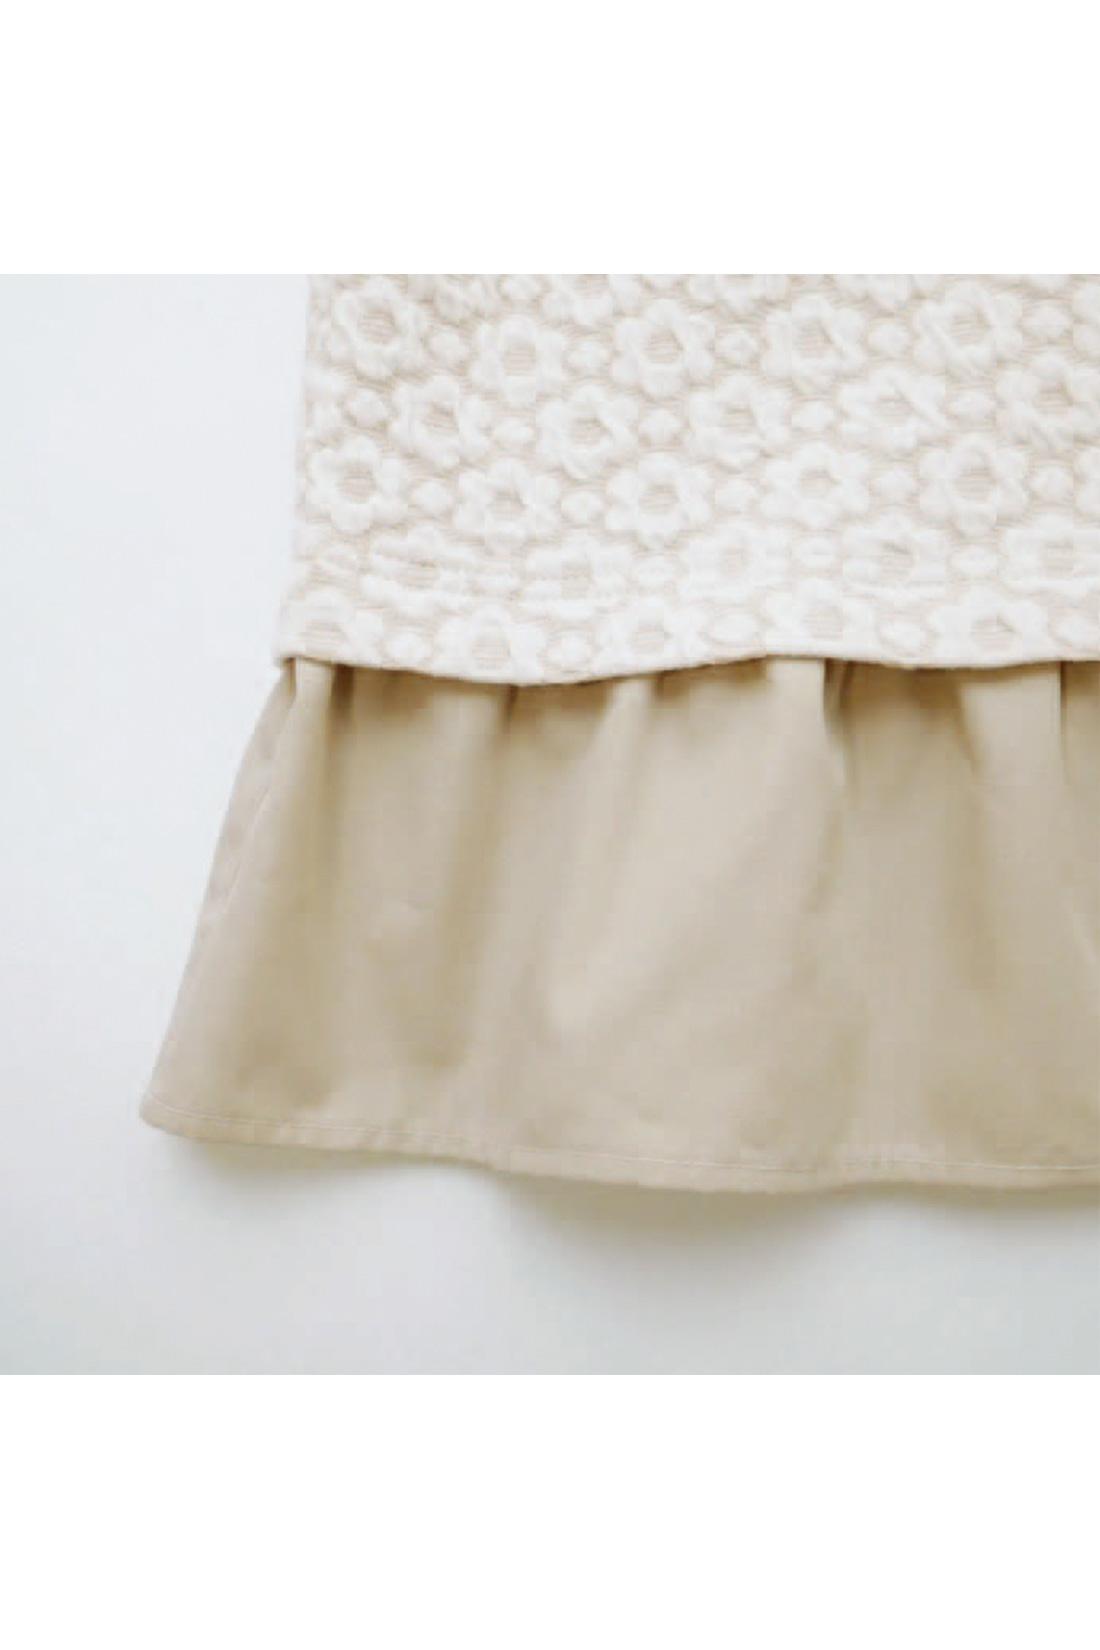 [衿とすそのフリルは。]布はく素材だから、本体がカットソーなのに、なんとなくきちんとした印象。 ※お届けするカラーとは異なります。